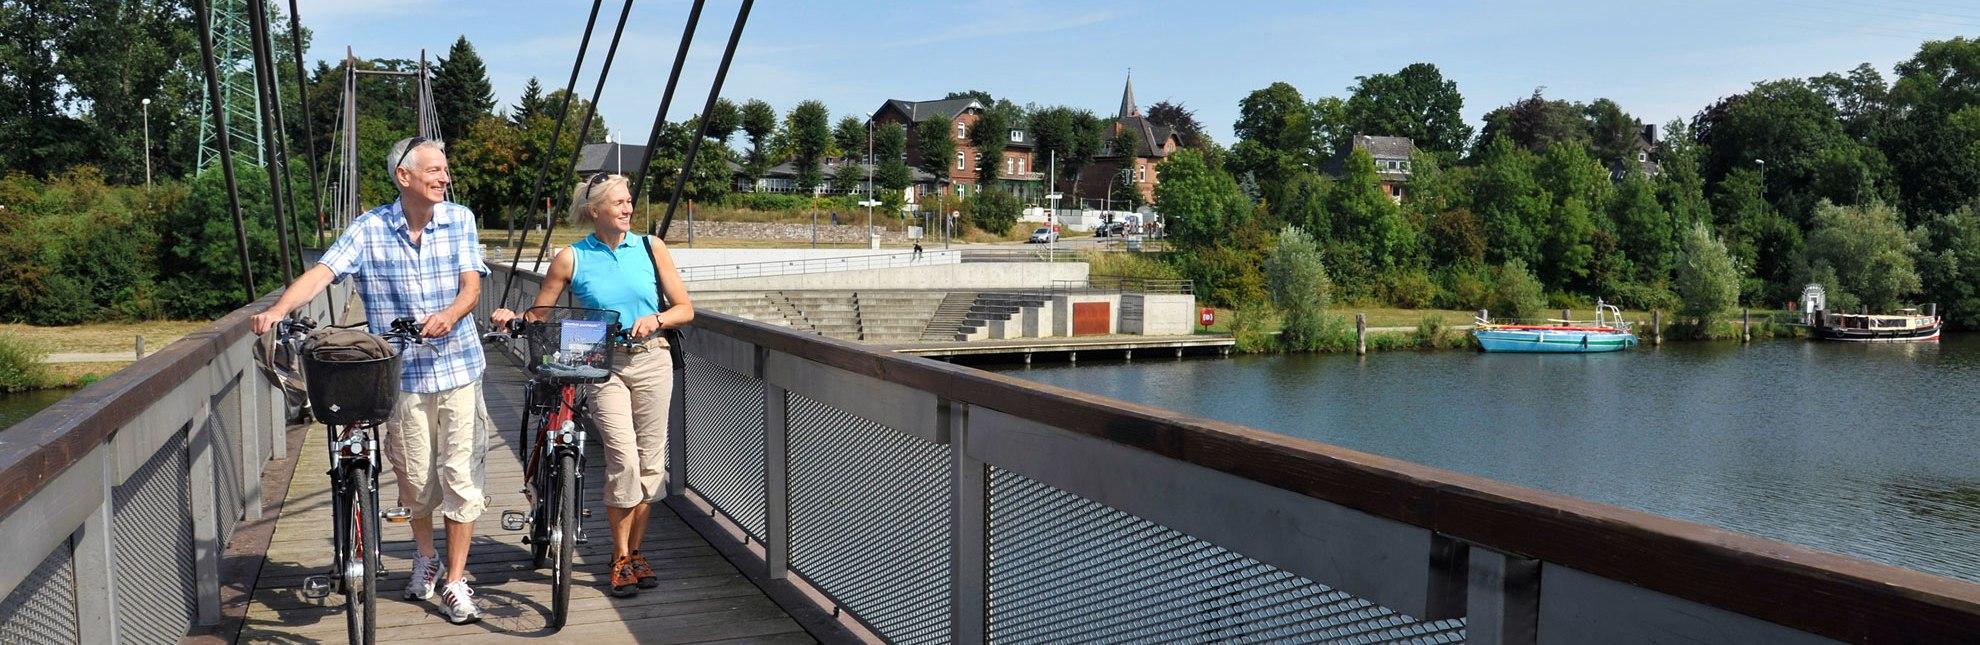 Radfahrer an der Hafenbrücke in Geesthacht, © photocompany